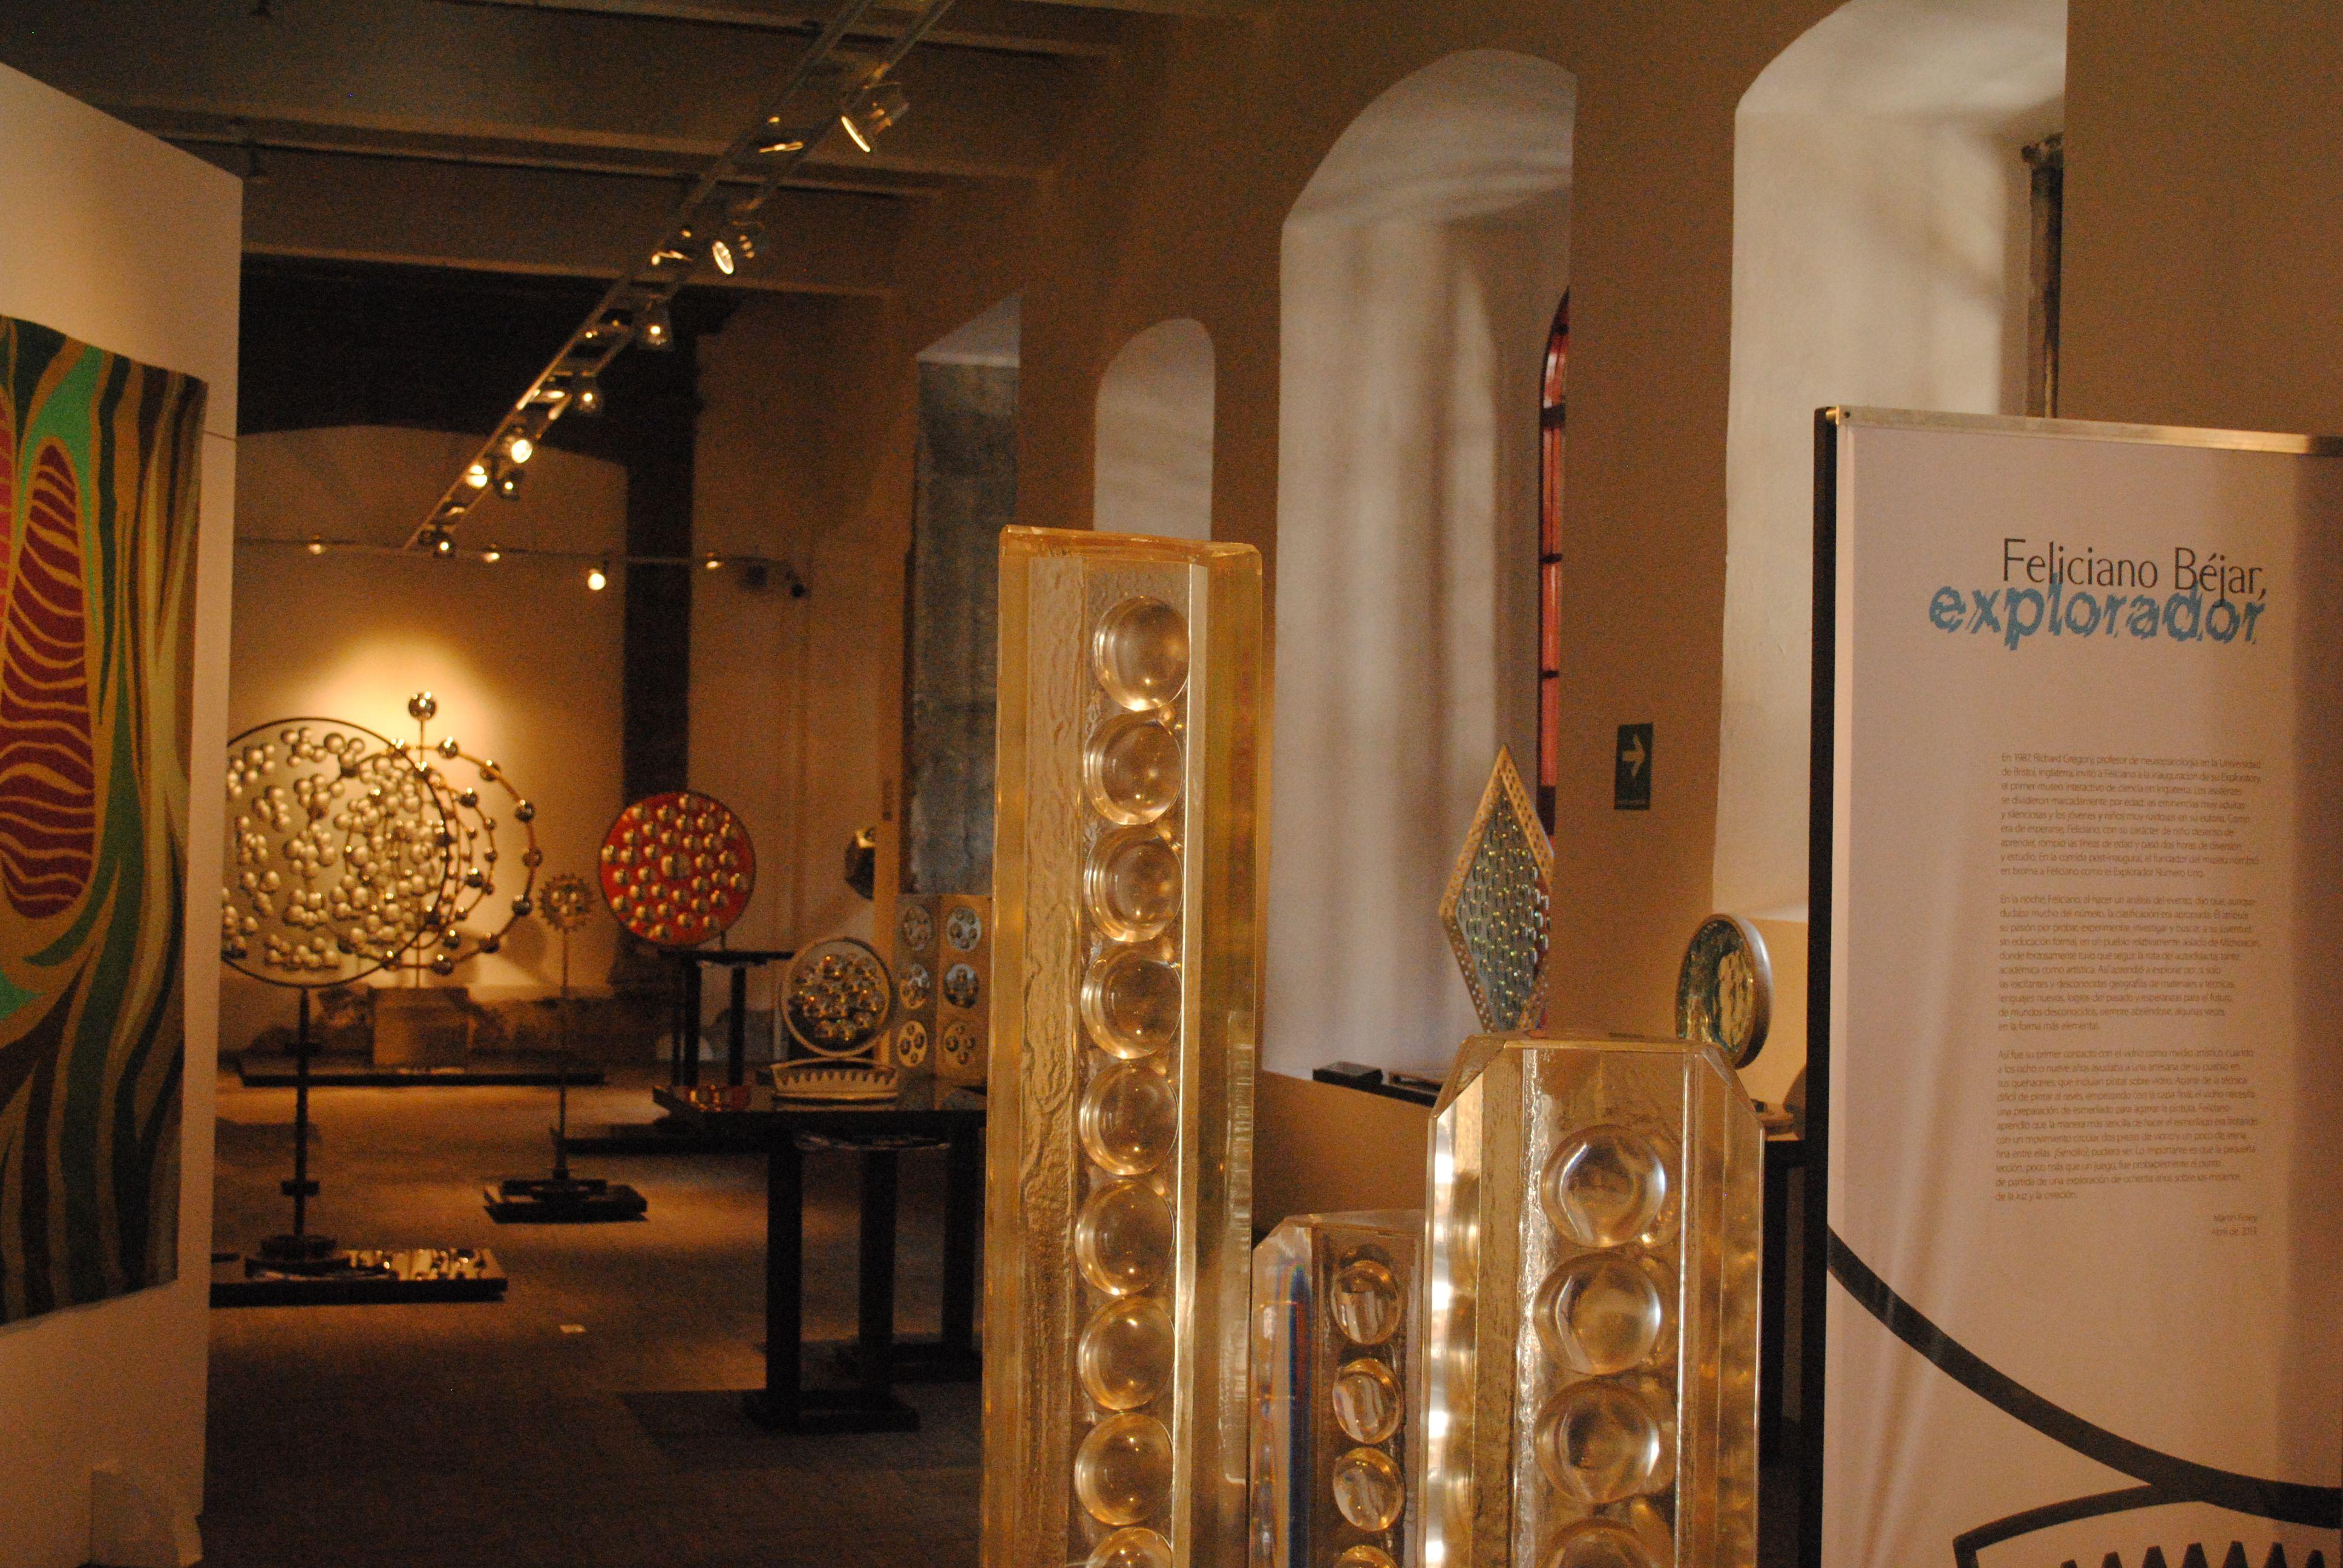 Para Feliciano Béjar el arte es una forma de vida, una manera de vivir en armonía con el mundo.